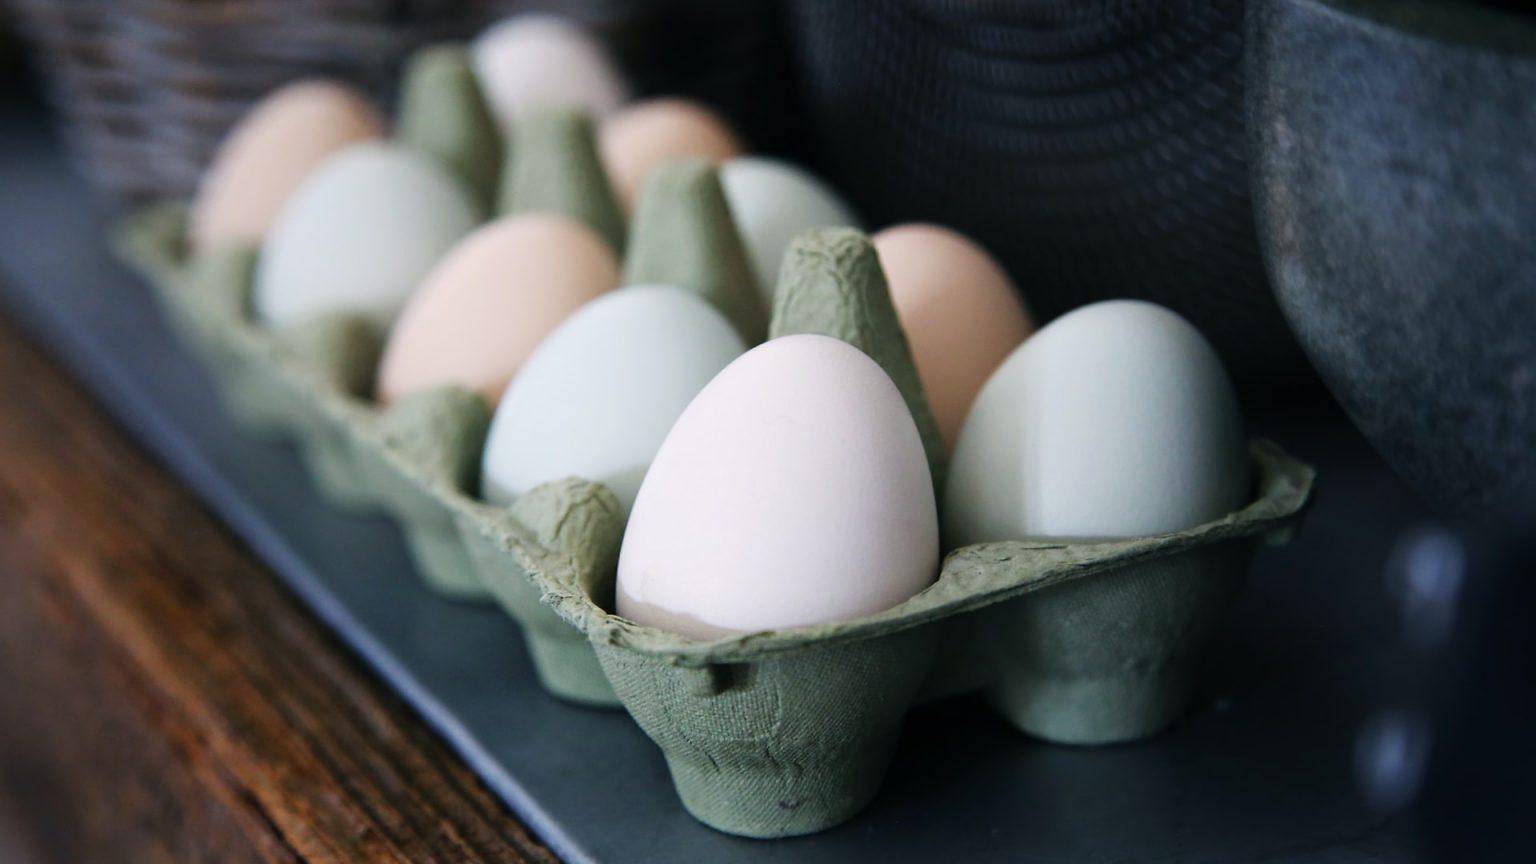 huevos dentro de empaque